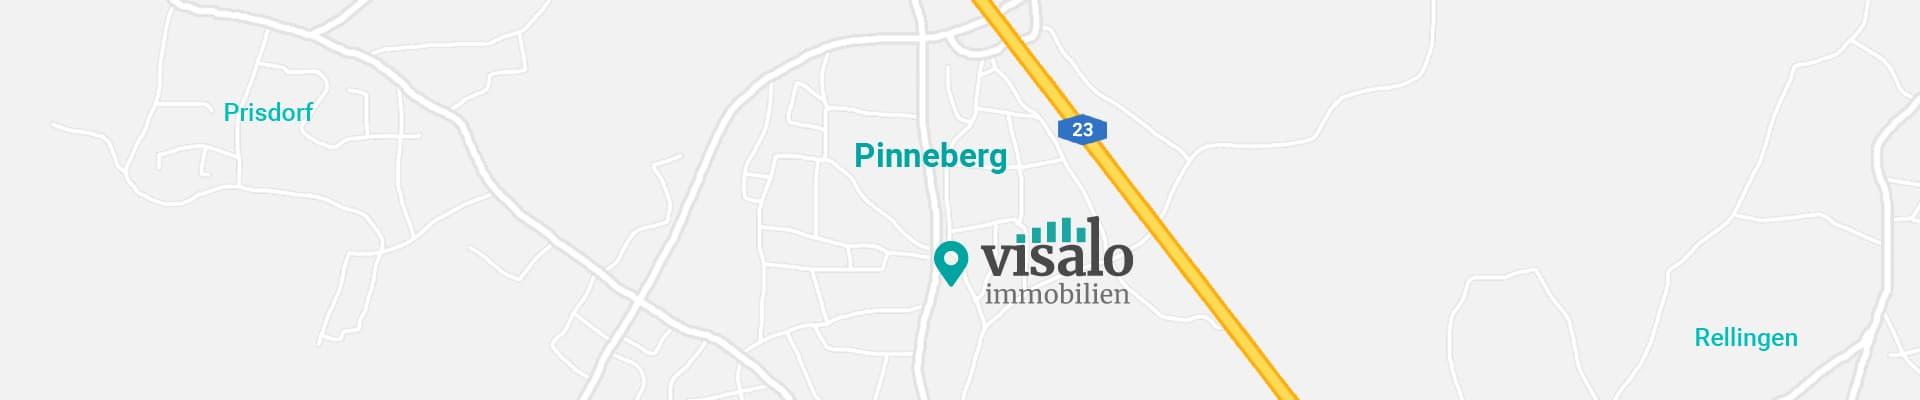 Eine Karte die den Standort von visalo immobilien zeigt